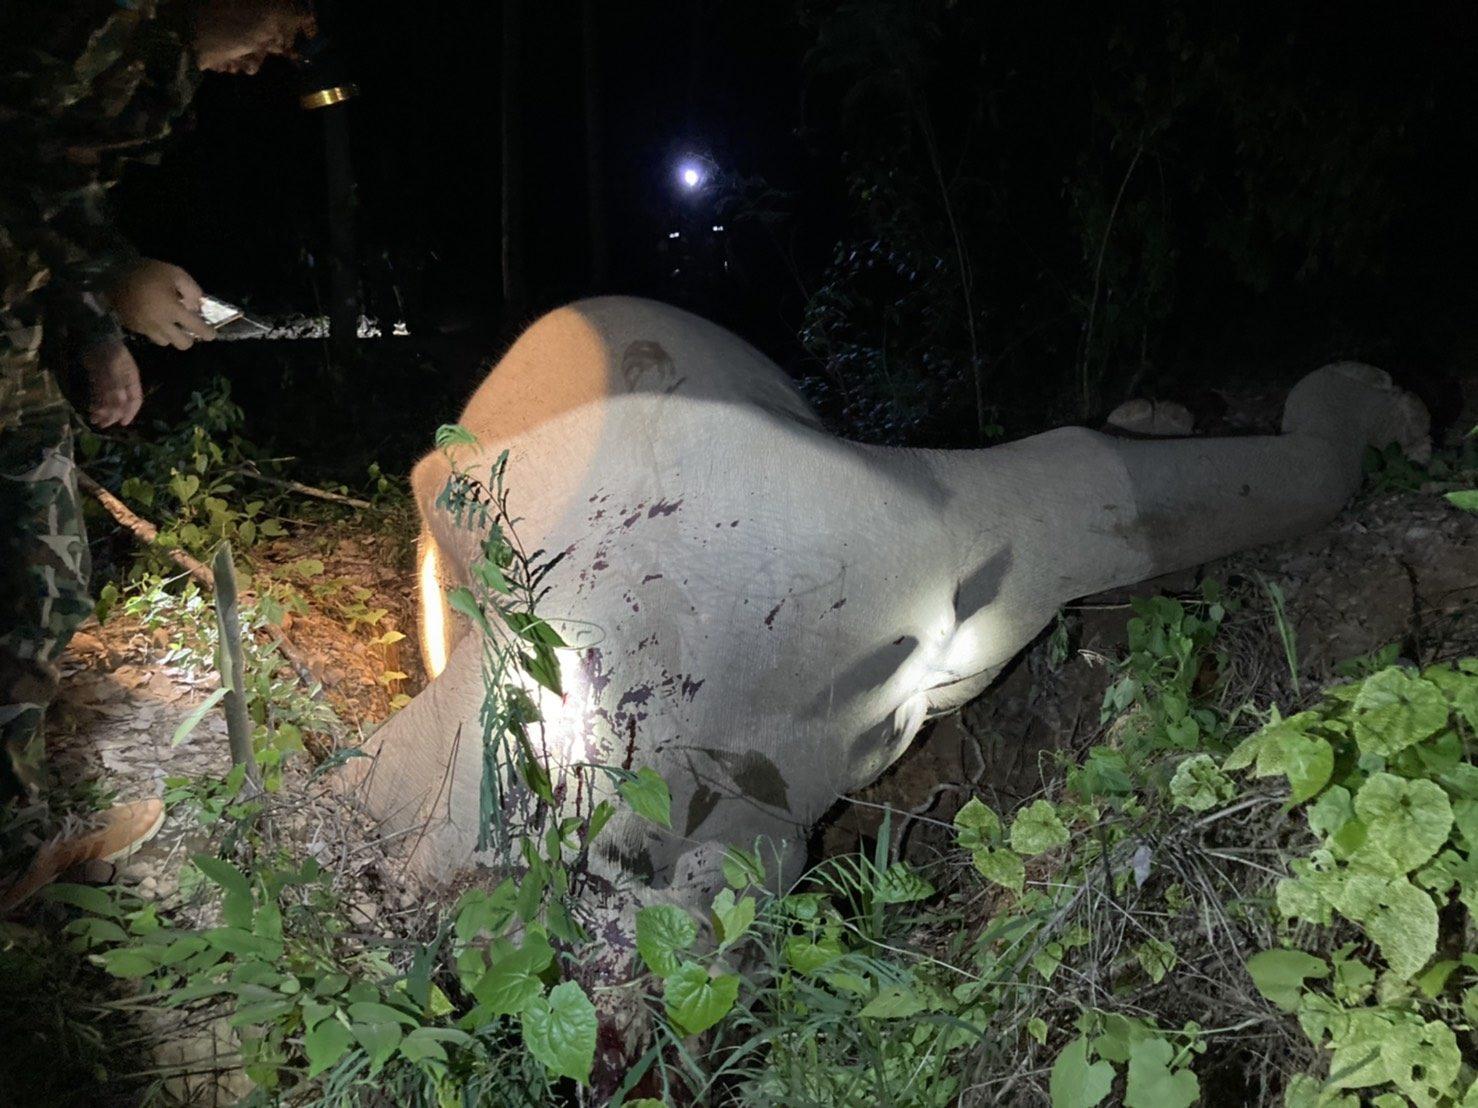 ช้างป่ากุยบุรีถูกมนุษย์ใจเหี้ยมใช้ปืนลูกซองไล่ยิงตาย 4 ตัวในรอบเดือน